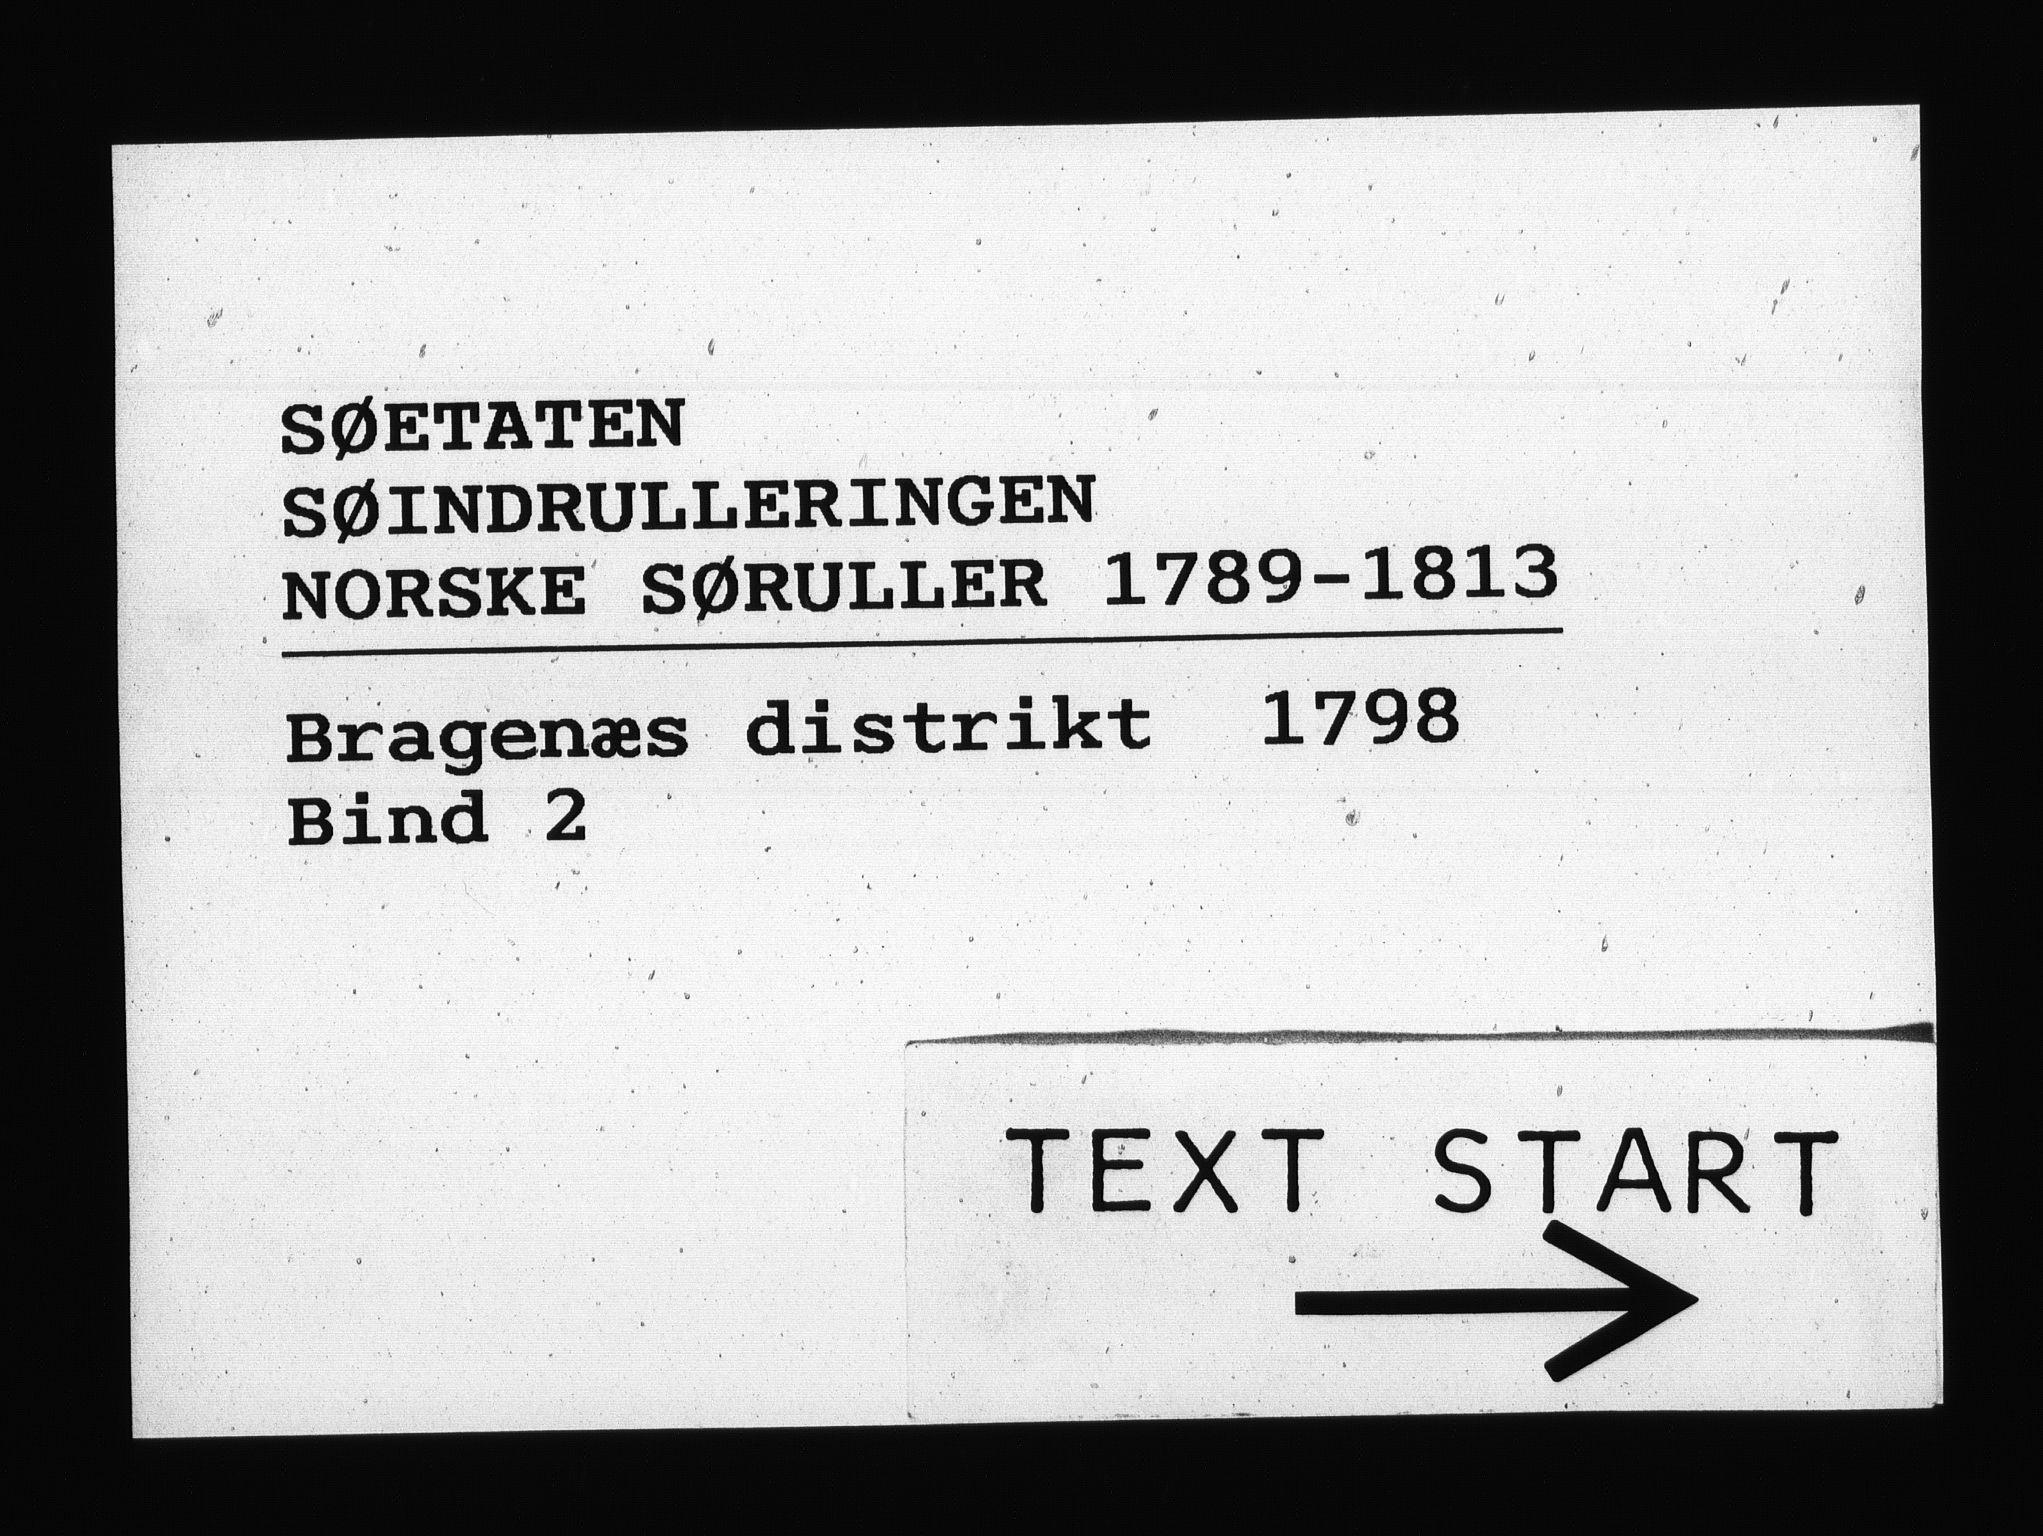 RA, Sjøetaten, F/L0124: Bragernes distrikt, bind 2, 1798